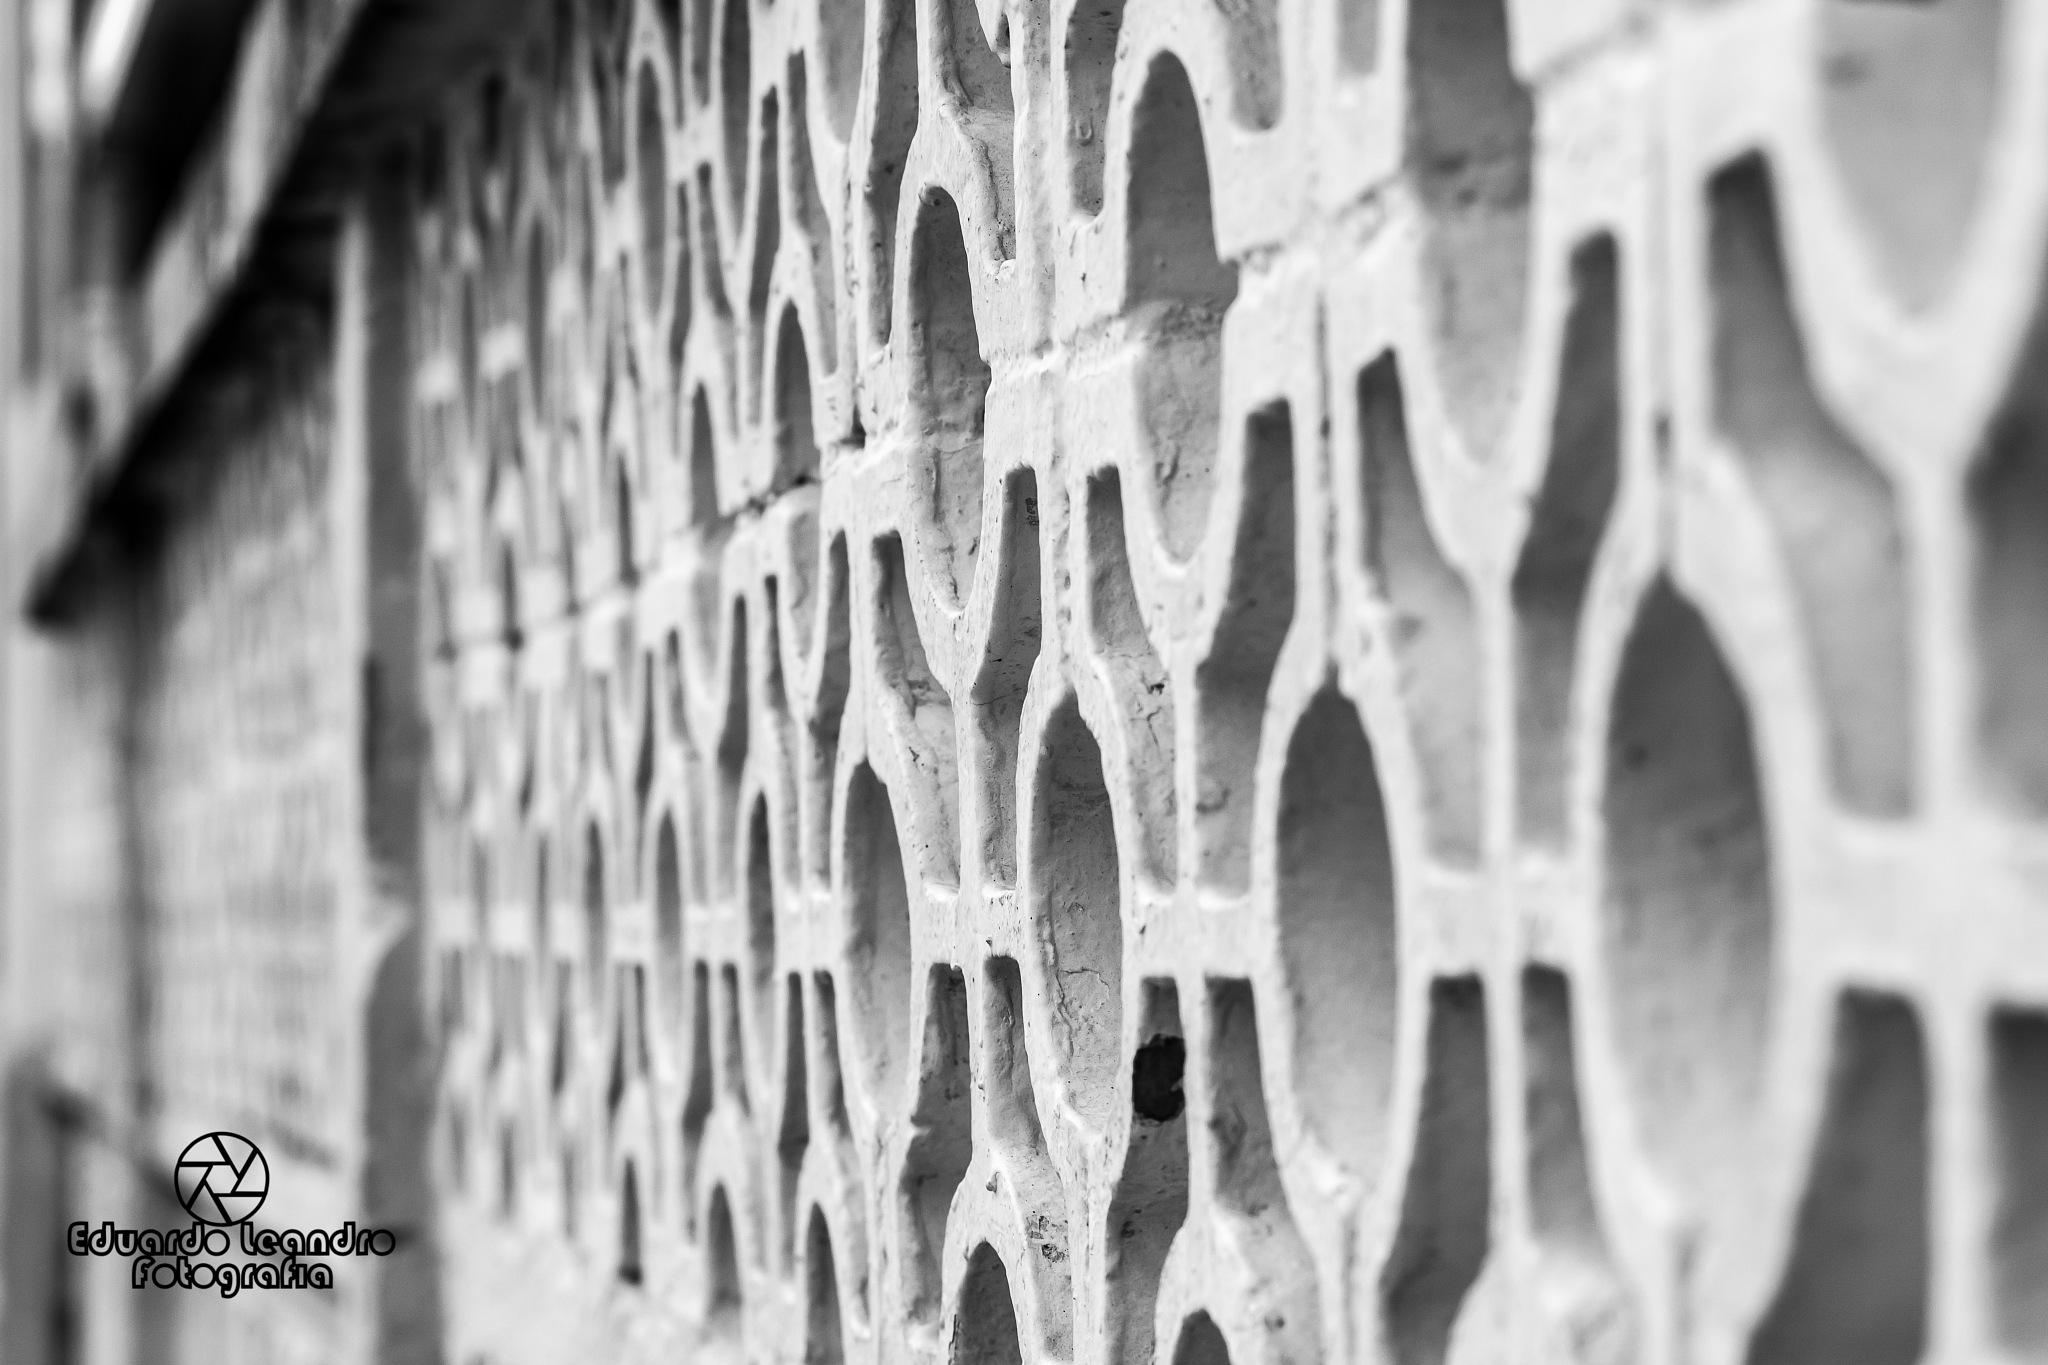 Wall (Muro) by Eduardo Leandro